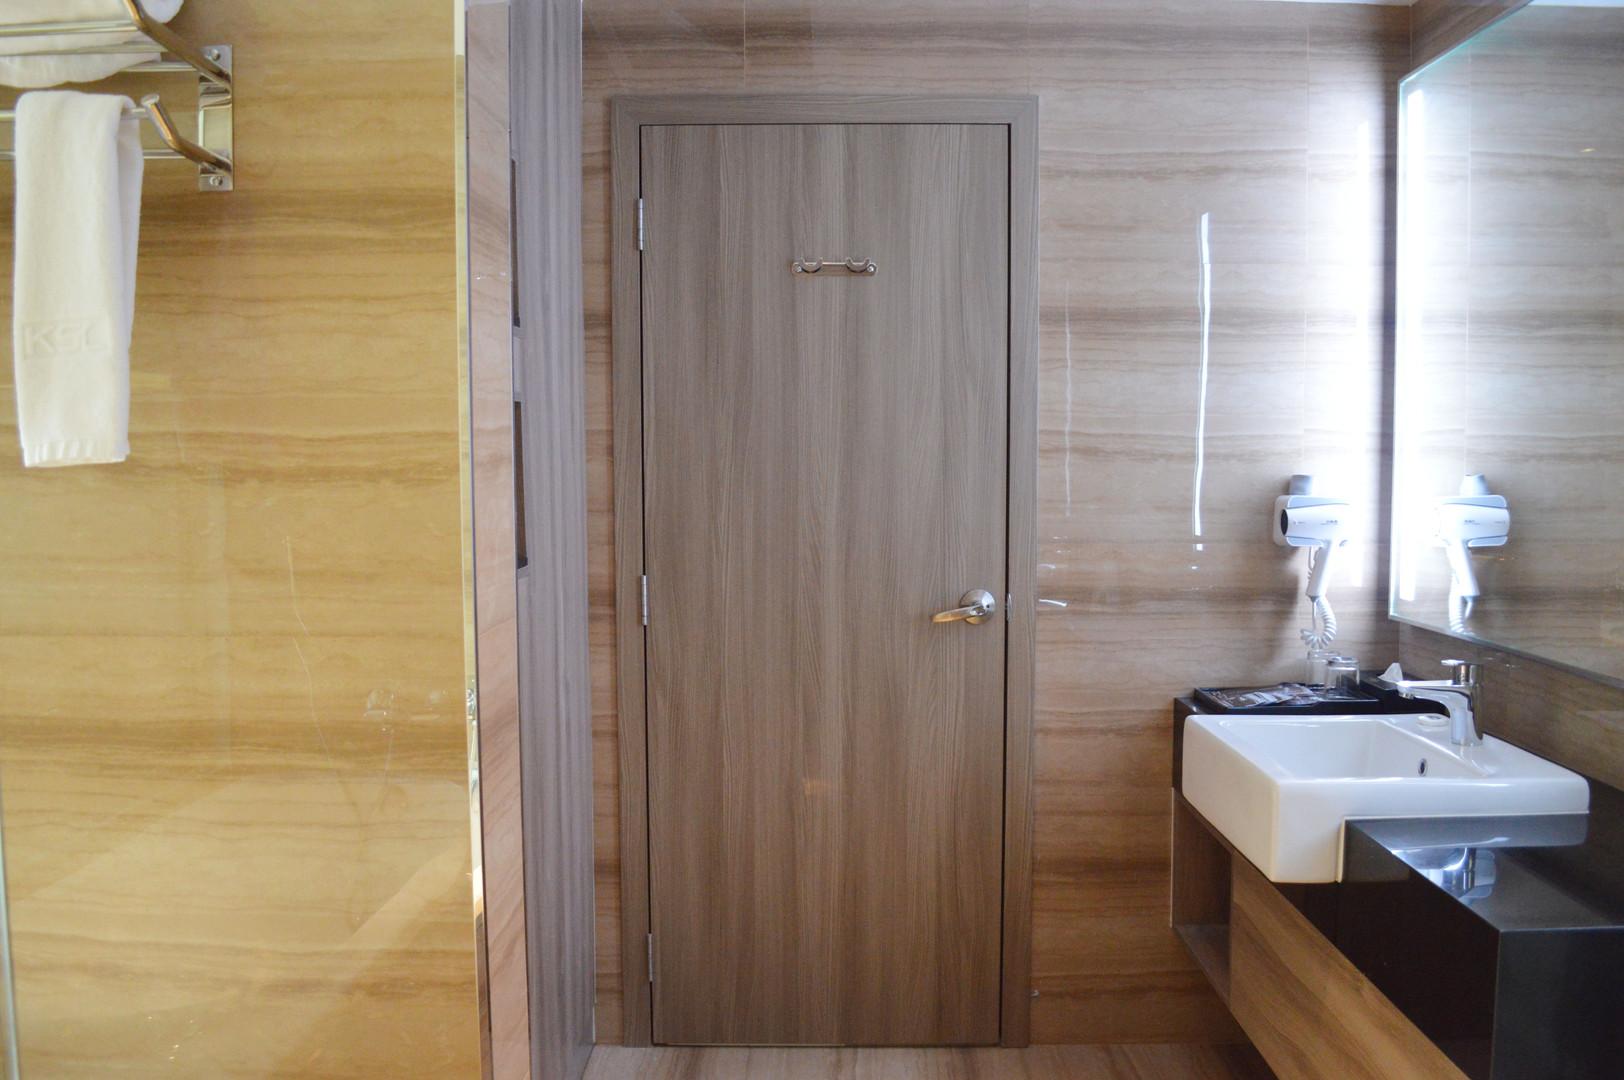 KSL Hotel Room Bathroom Wooded Door